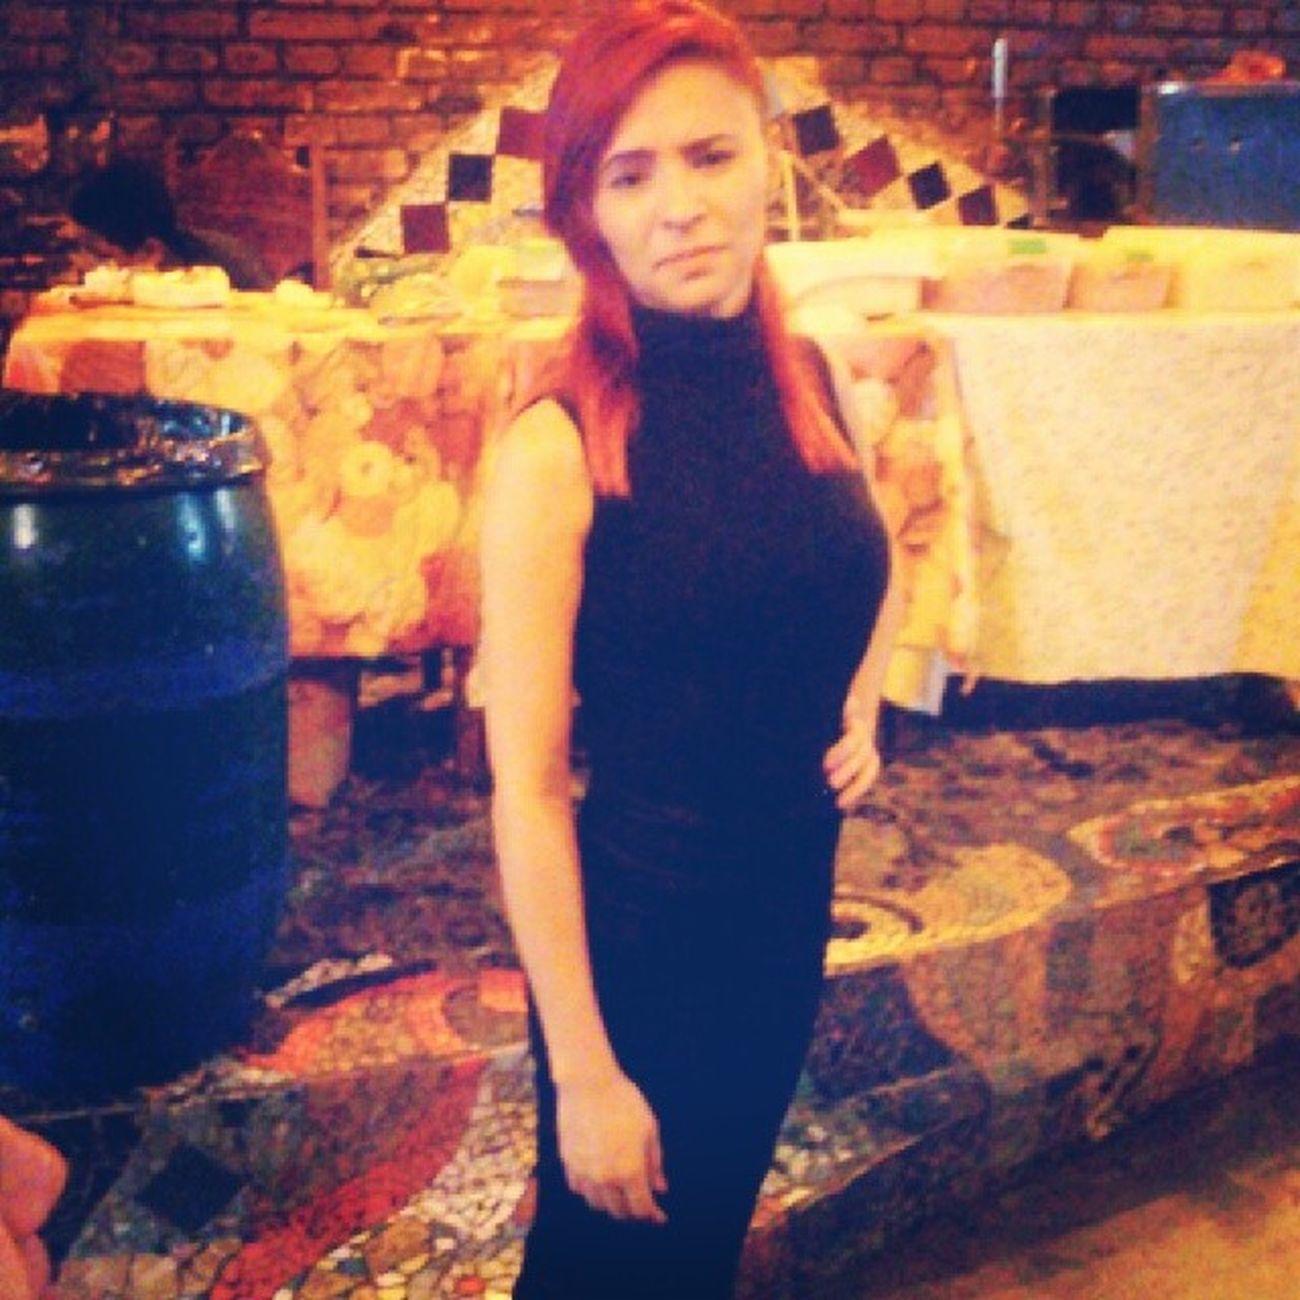 OpenBarClub Barwoman Myjob